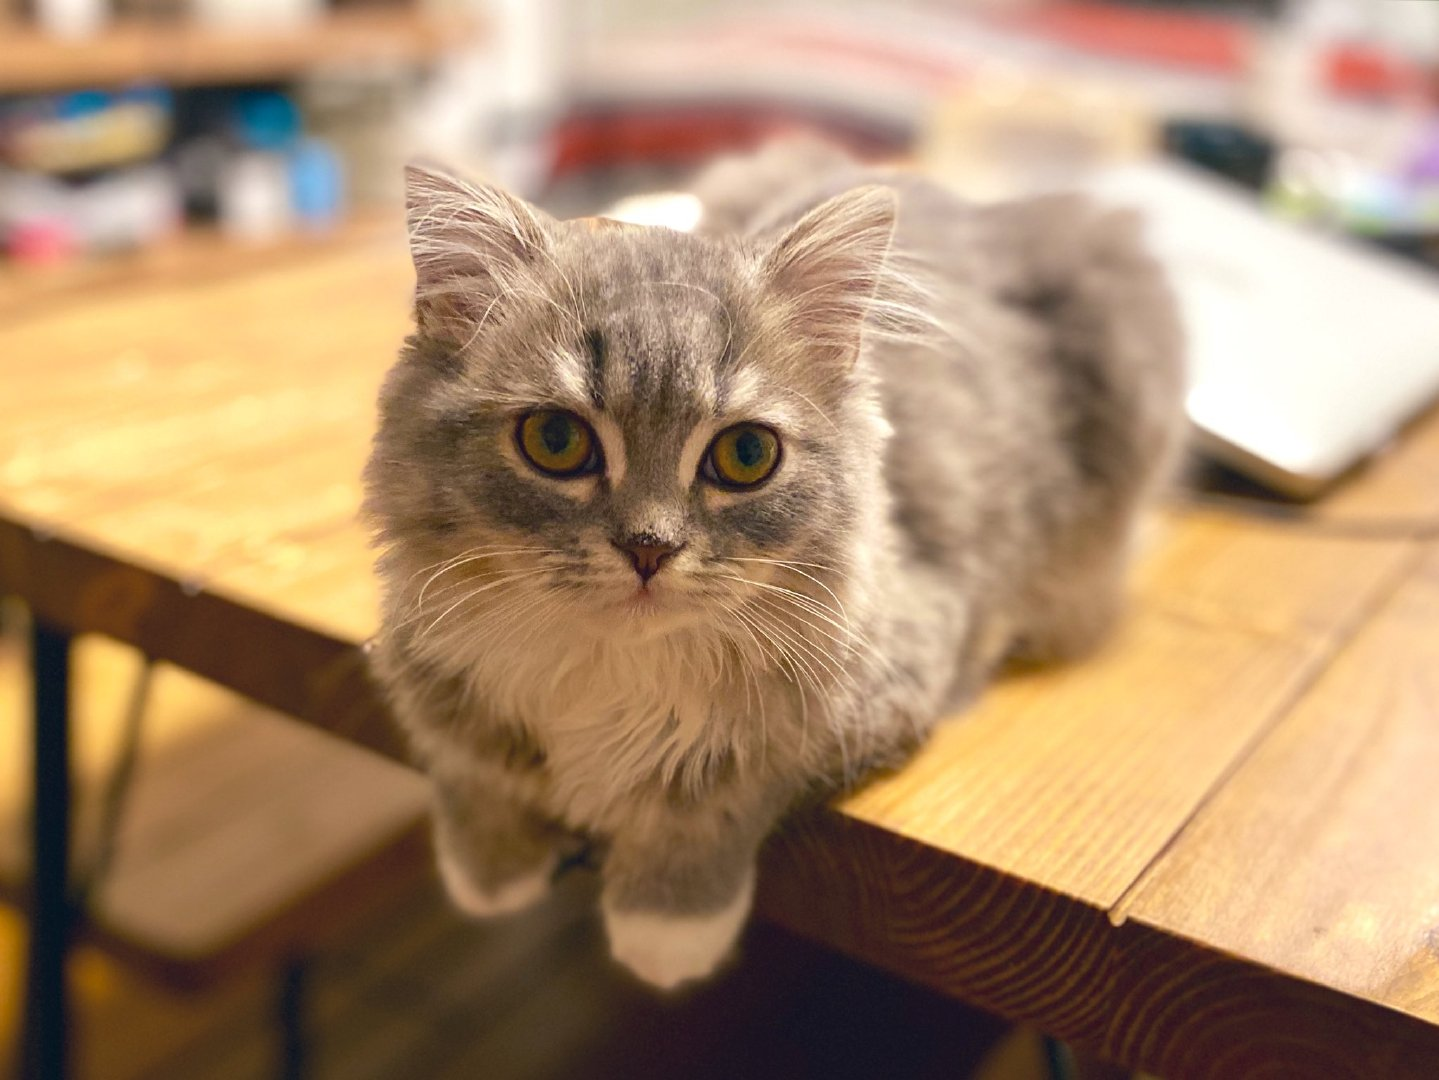 啊啊啊啊啊啊啊!小短腿!by/twitter/alma20191228